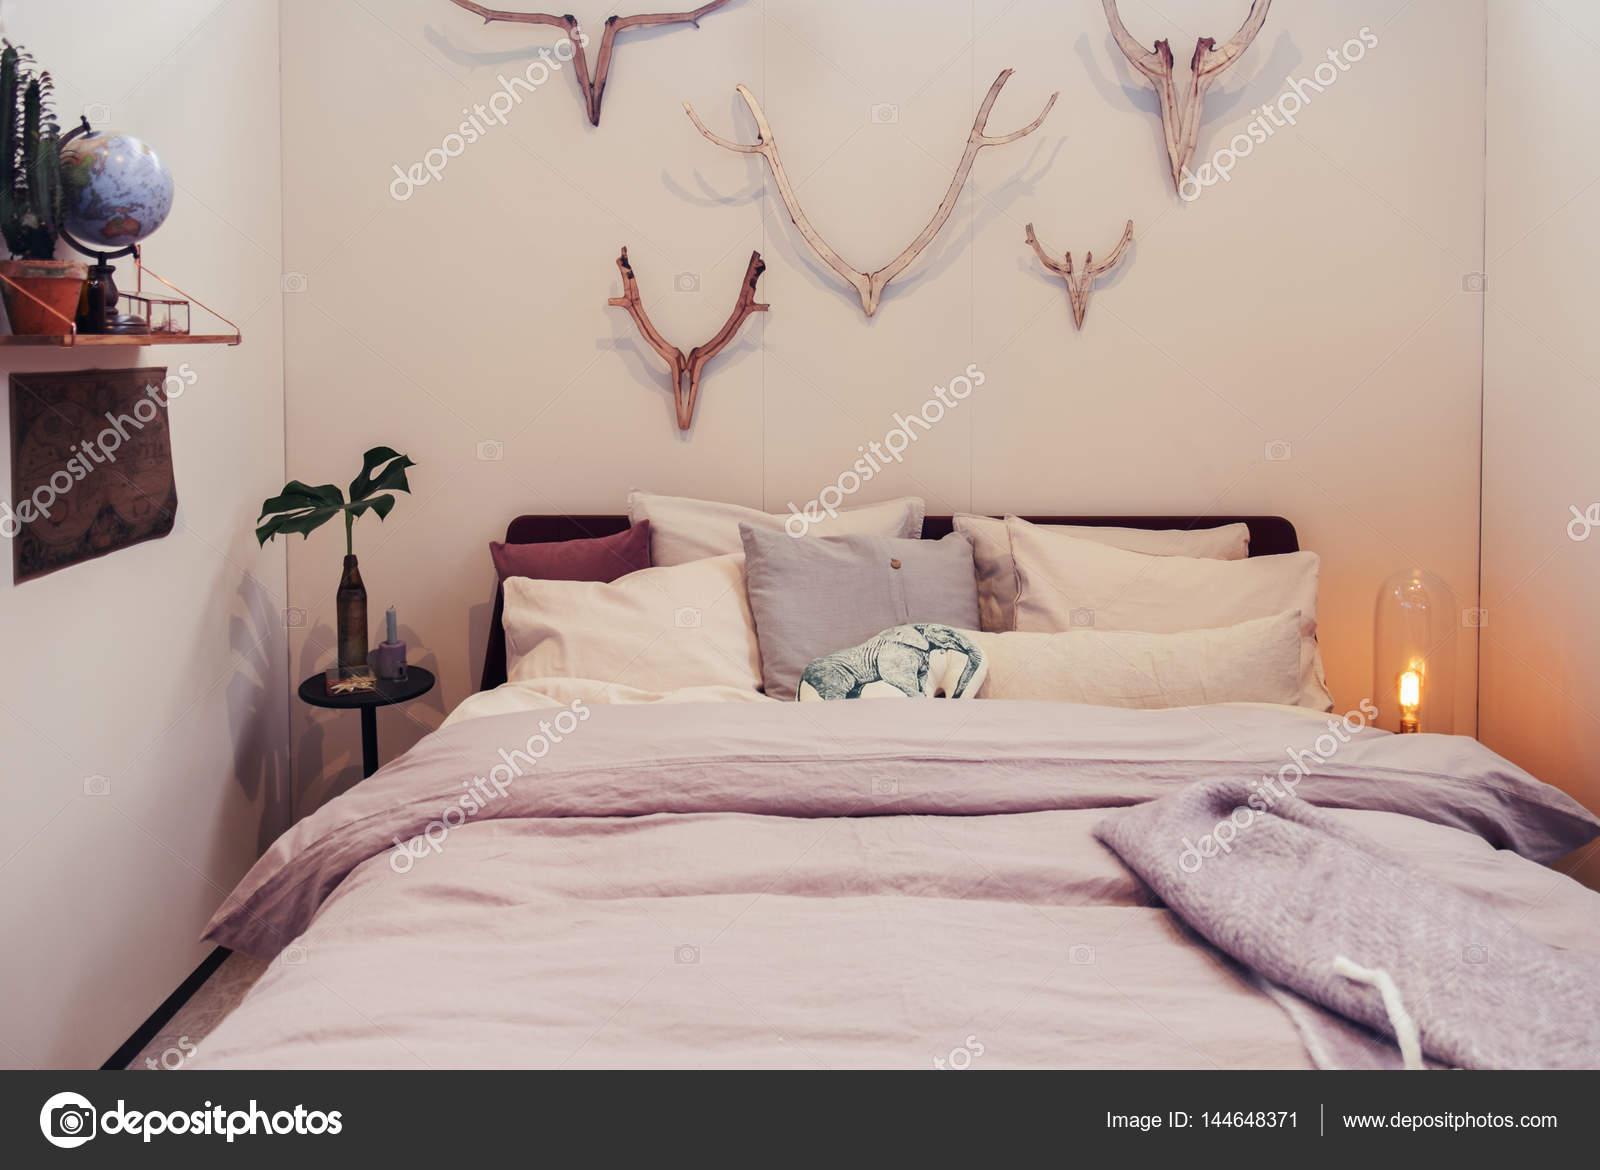 Decoration Murale Dans Chambre A Coucher Photographie